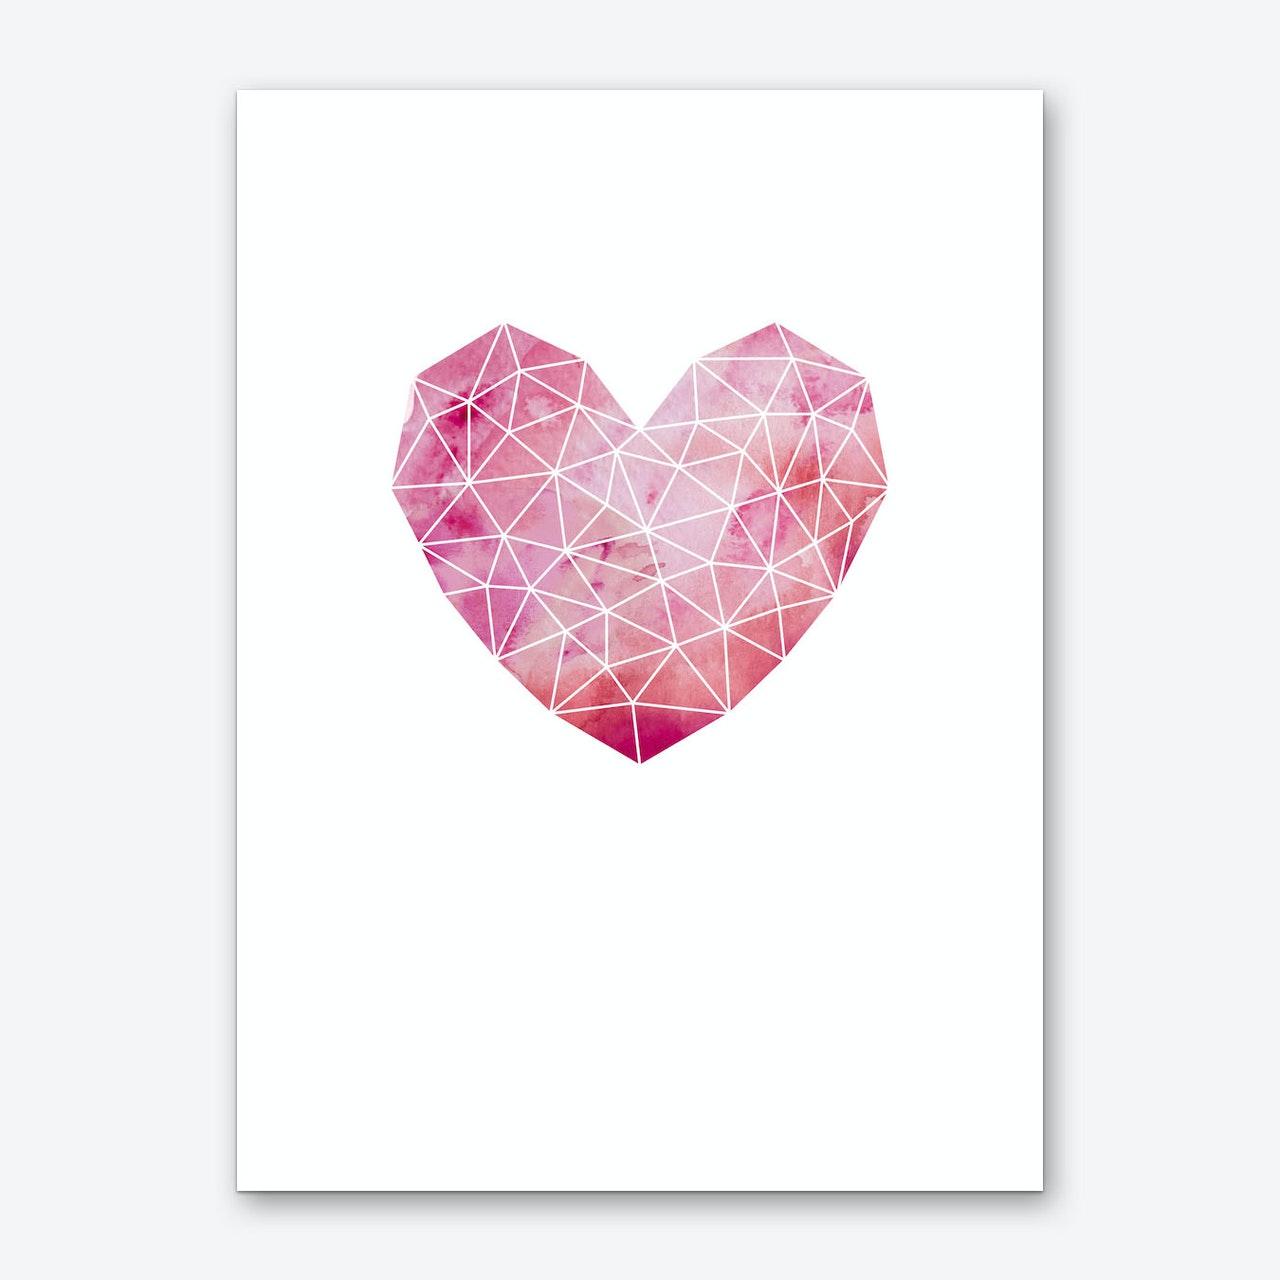 Heart Art Image